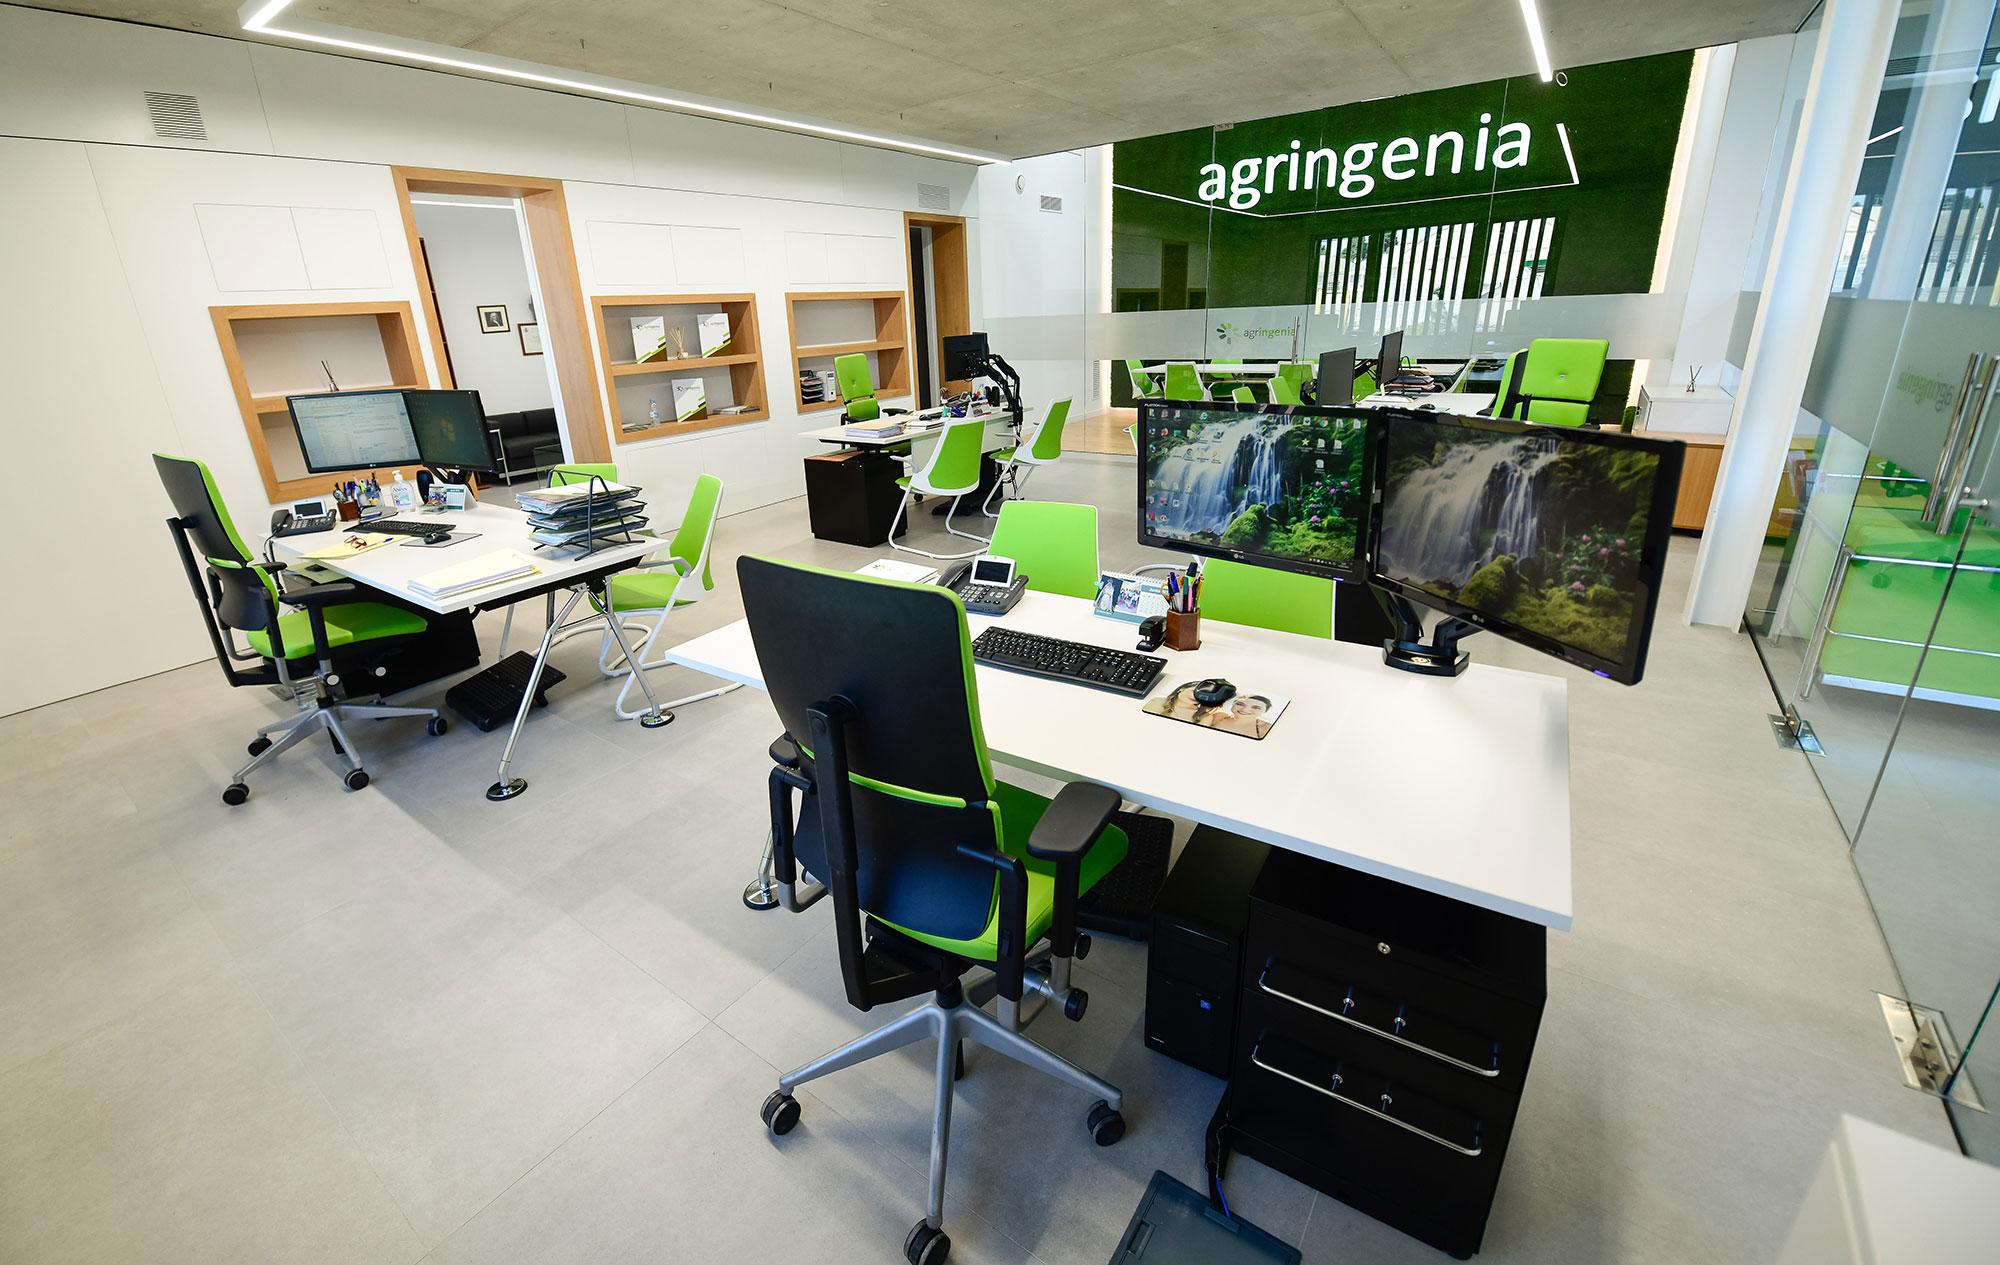 oficinas seguros agrarios en murcia